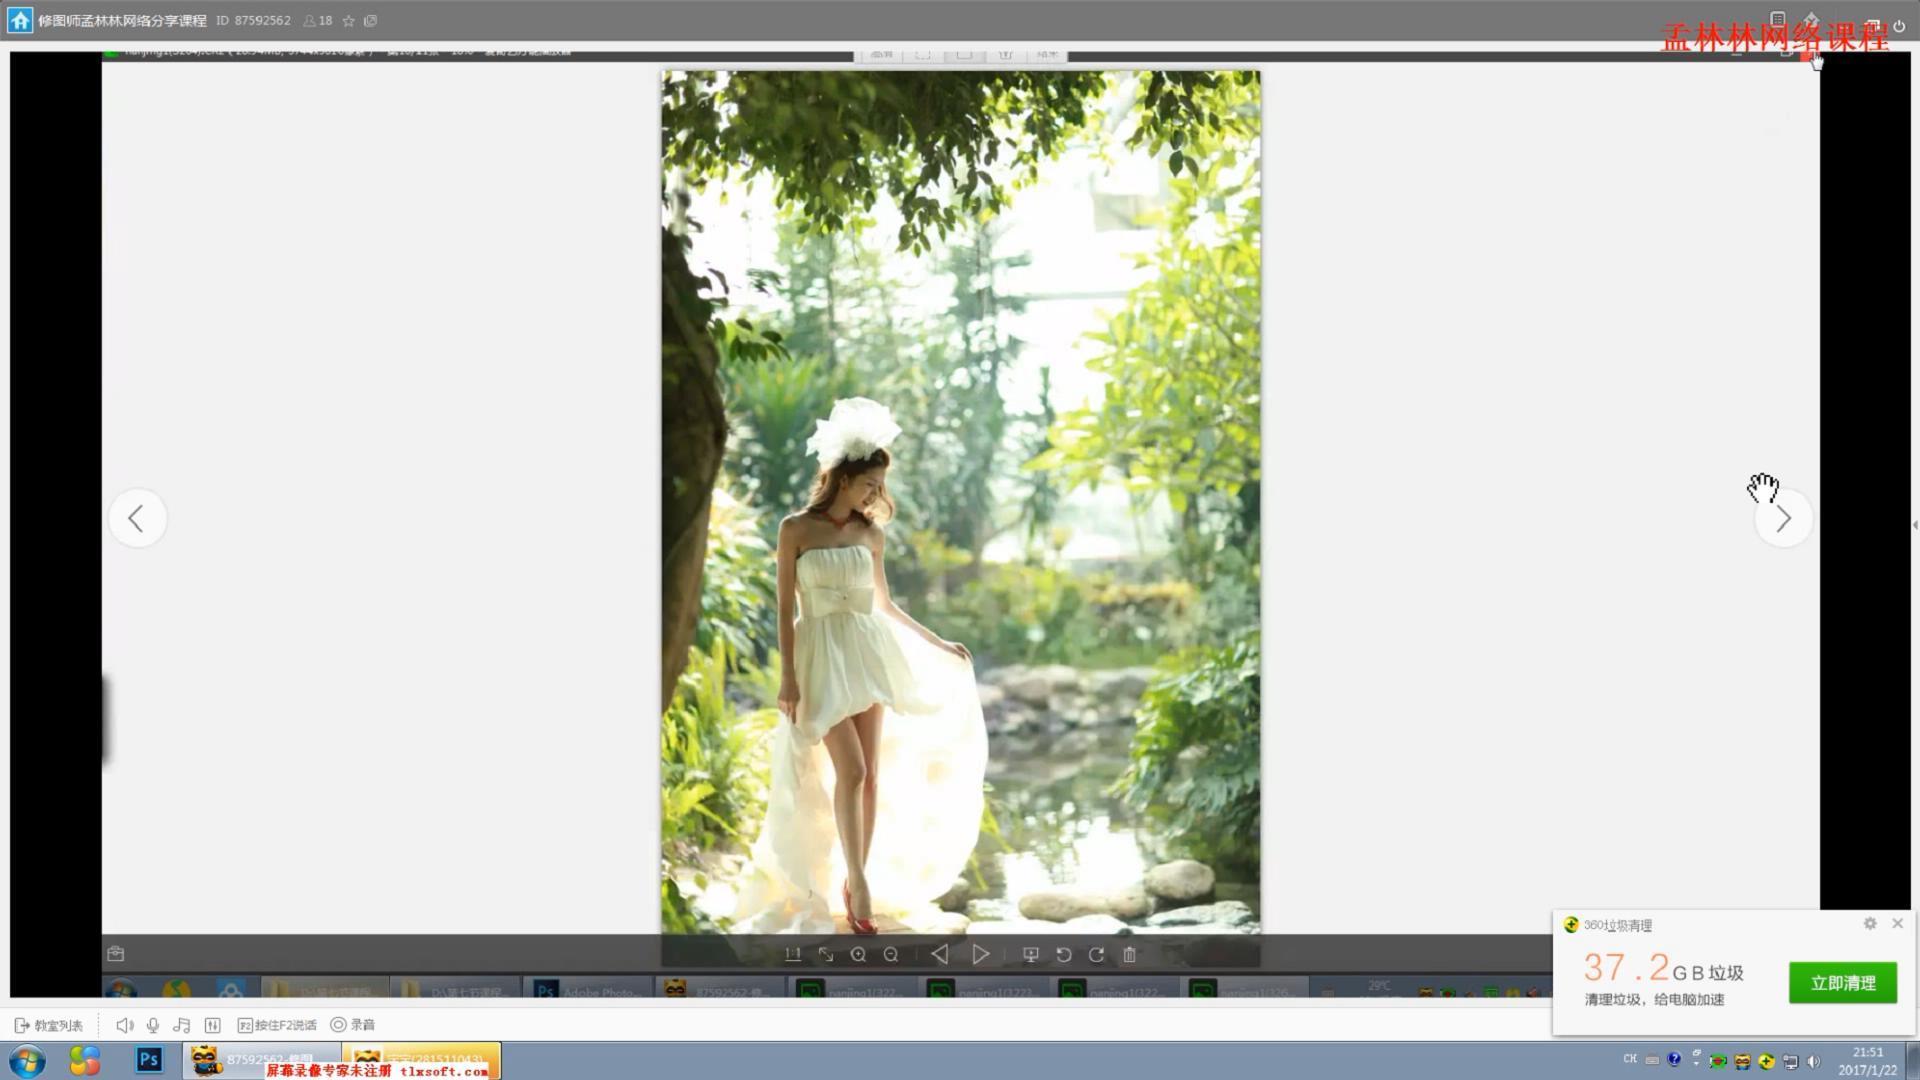 平面教程-修图师孟林林唯美PS韩式婚纱照调色教程 含素材(7)